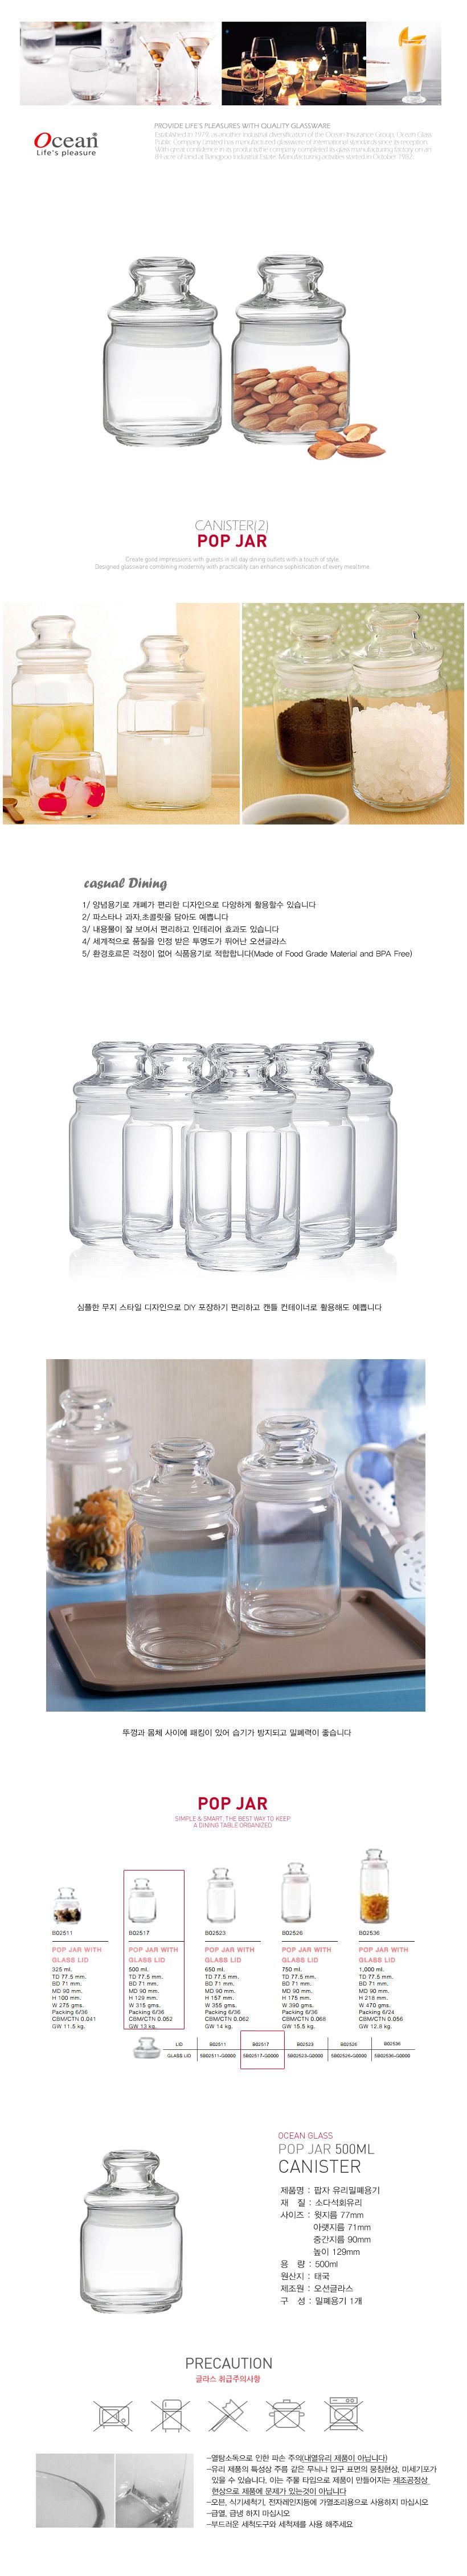 오션글라스 팝자 유리밀폐용기 500ml/유리투명용기/canister/ocean glass/B02517 - 재미있는생활, 7,000원, 밀폐/보관용기, 반찬/밀폐용기